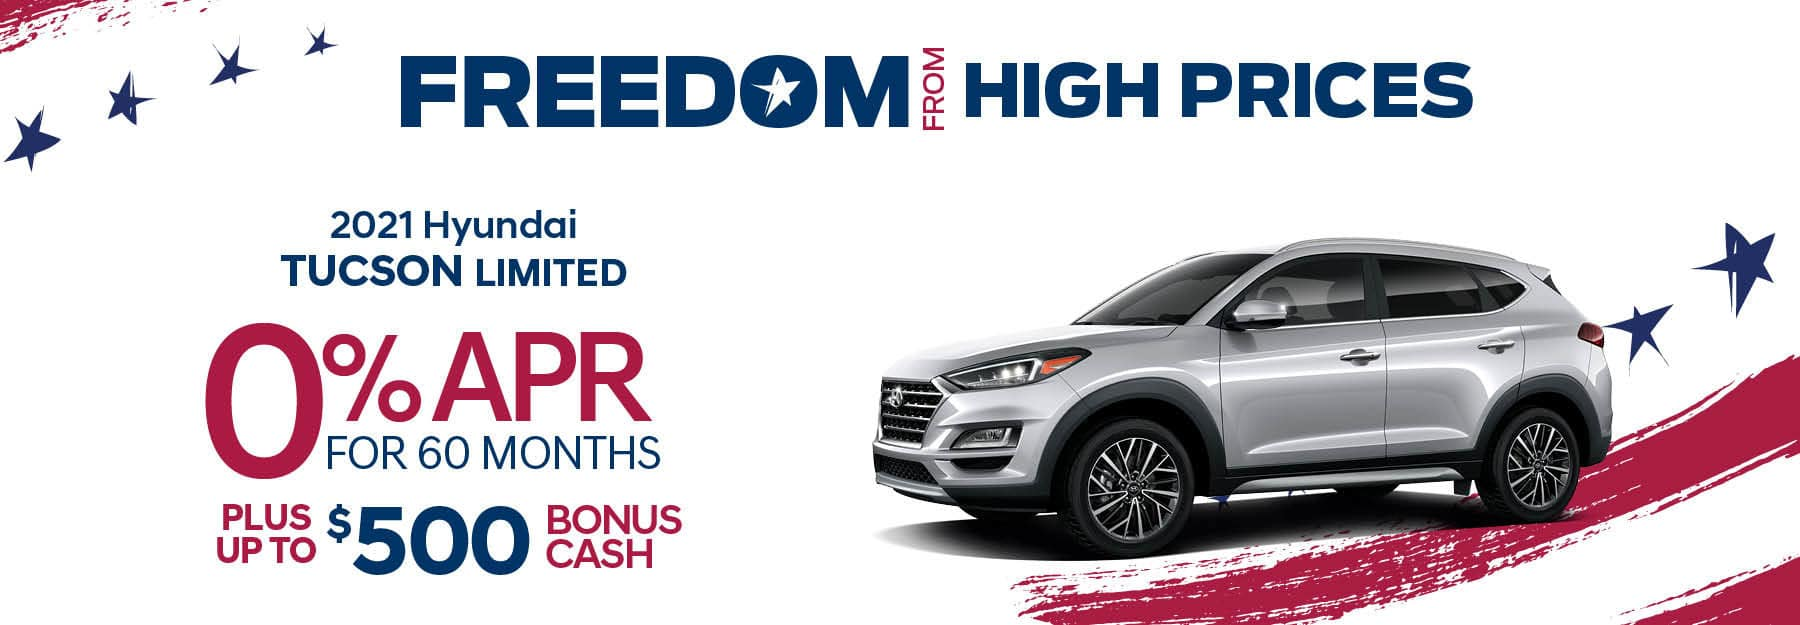 hubfh-0721-244587-Hyundai-July-HP-1800×6252